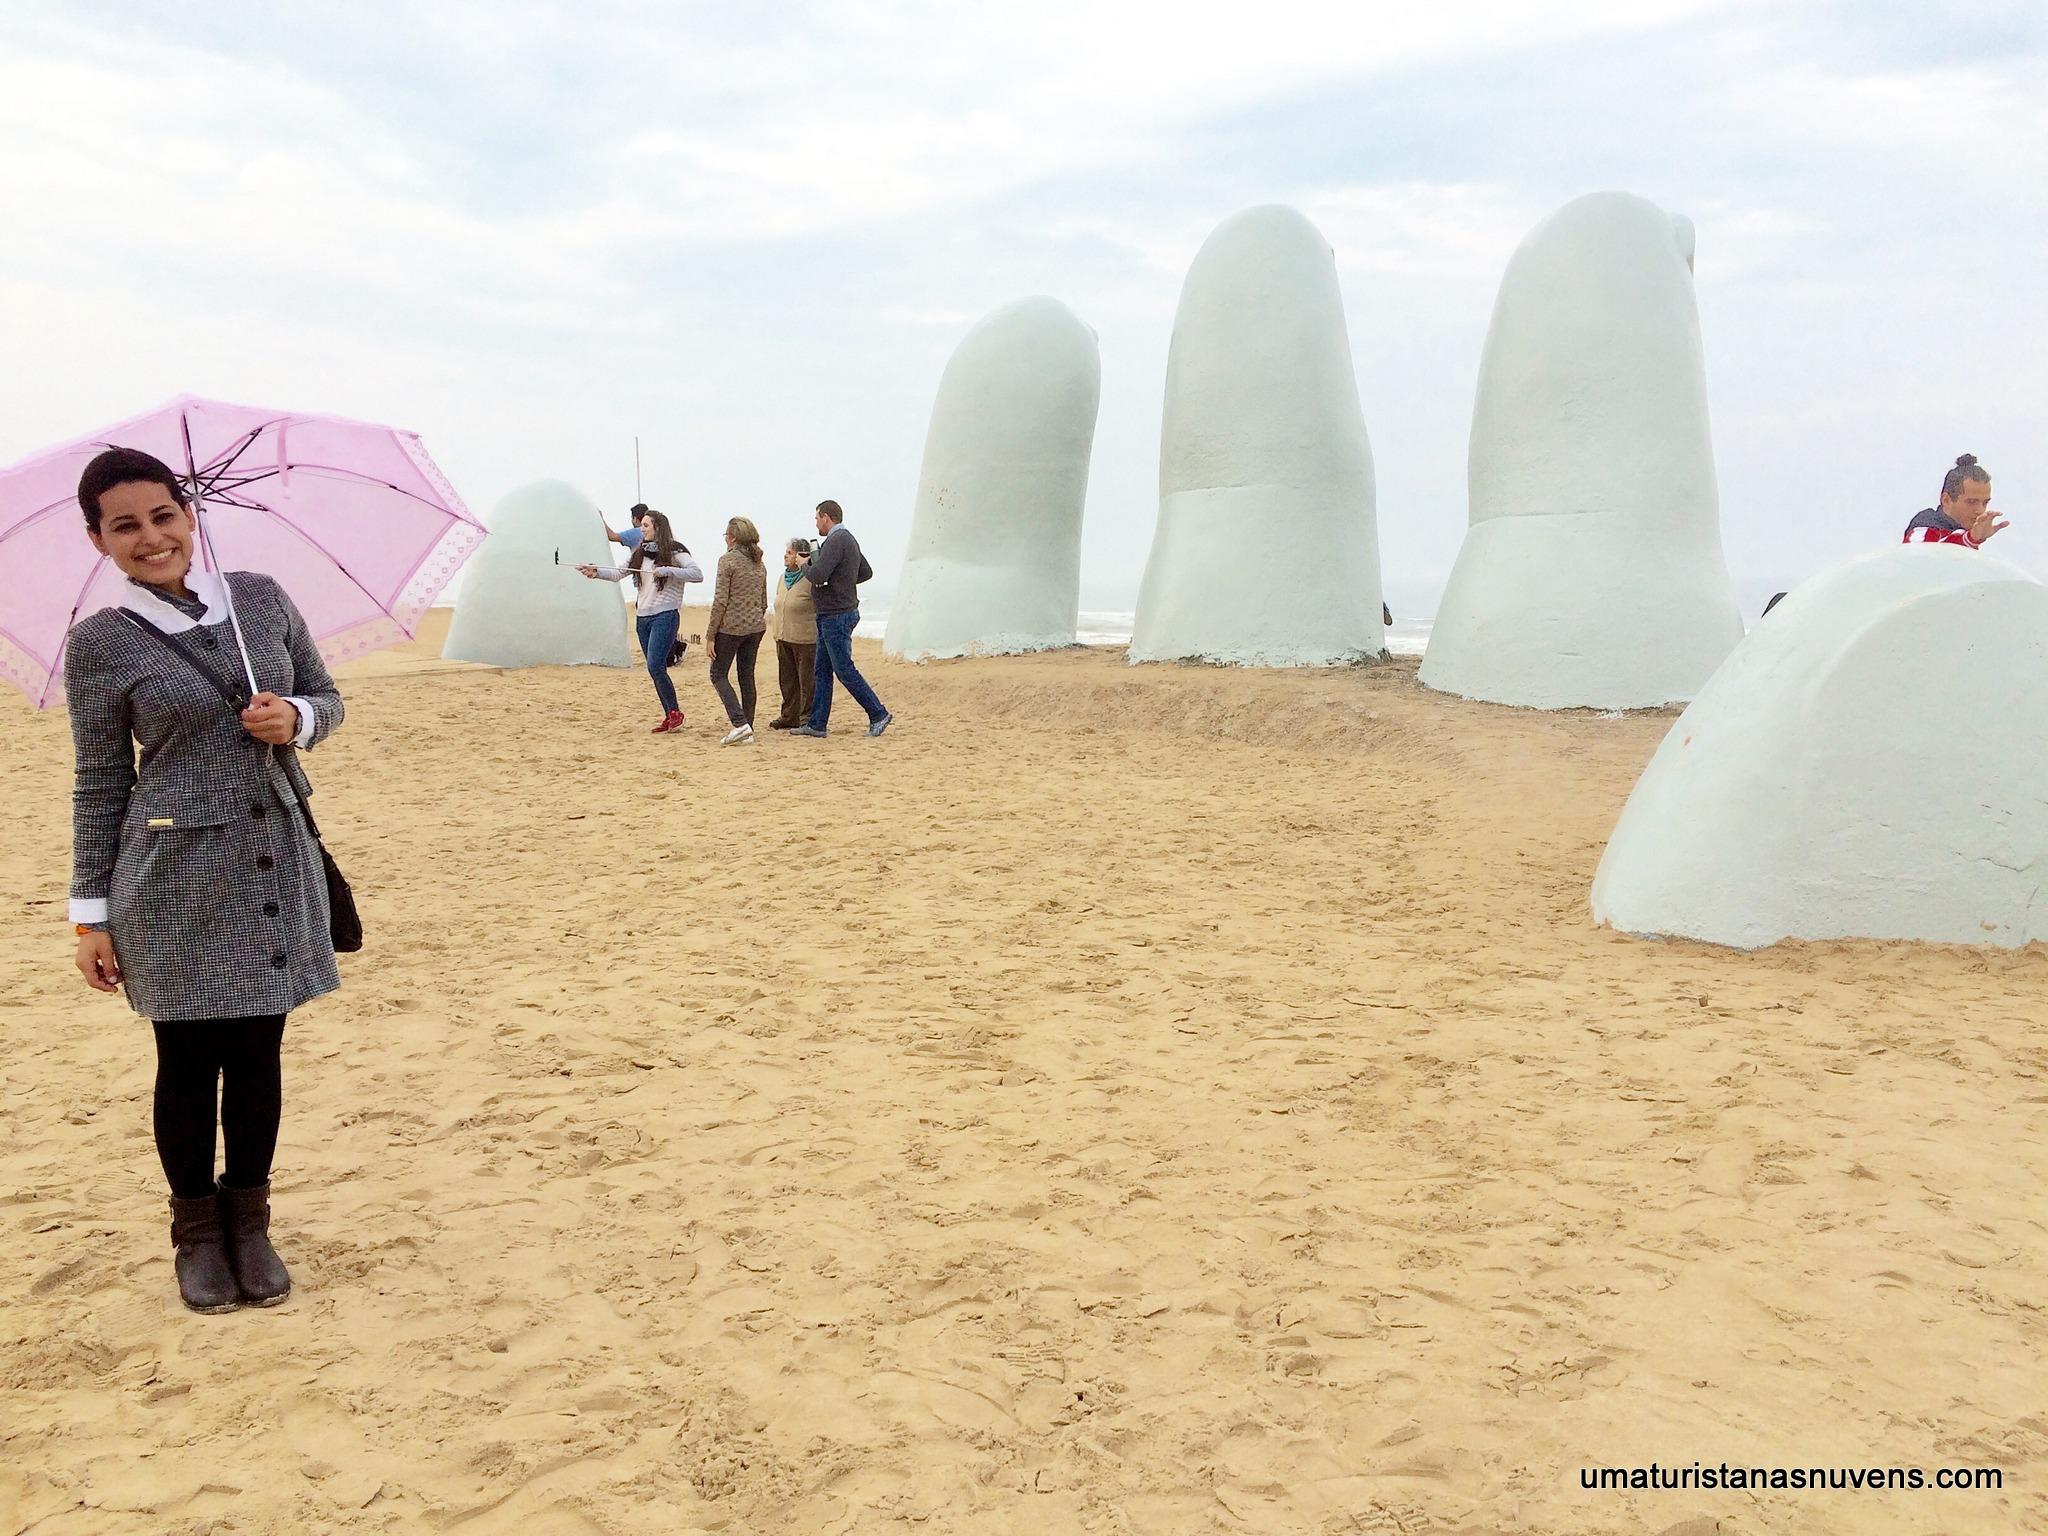 Uruguai: City Tour de um dia em Piriápolis, Casapueblo e Punta Del Este